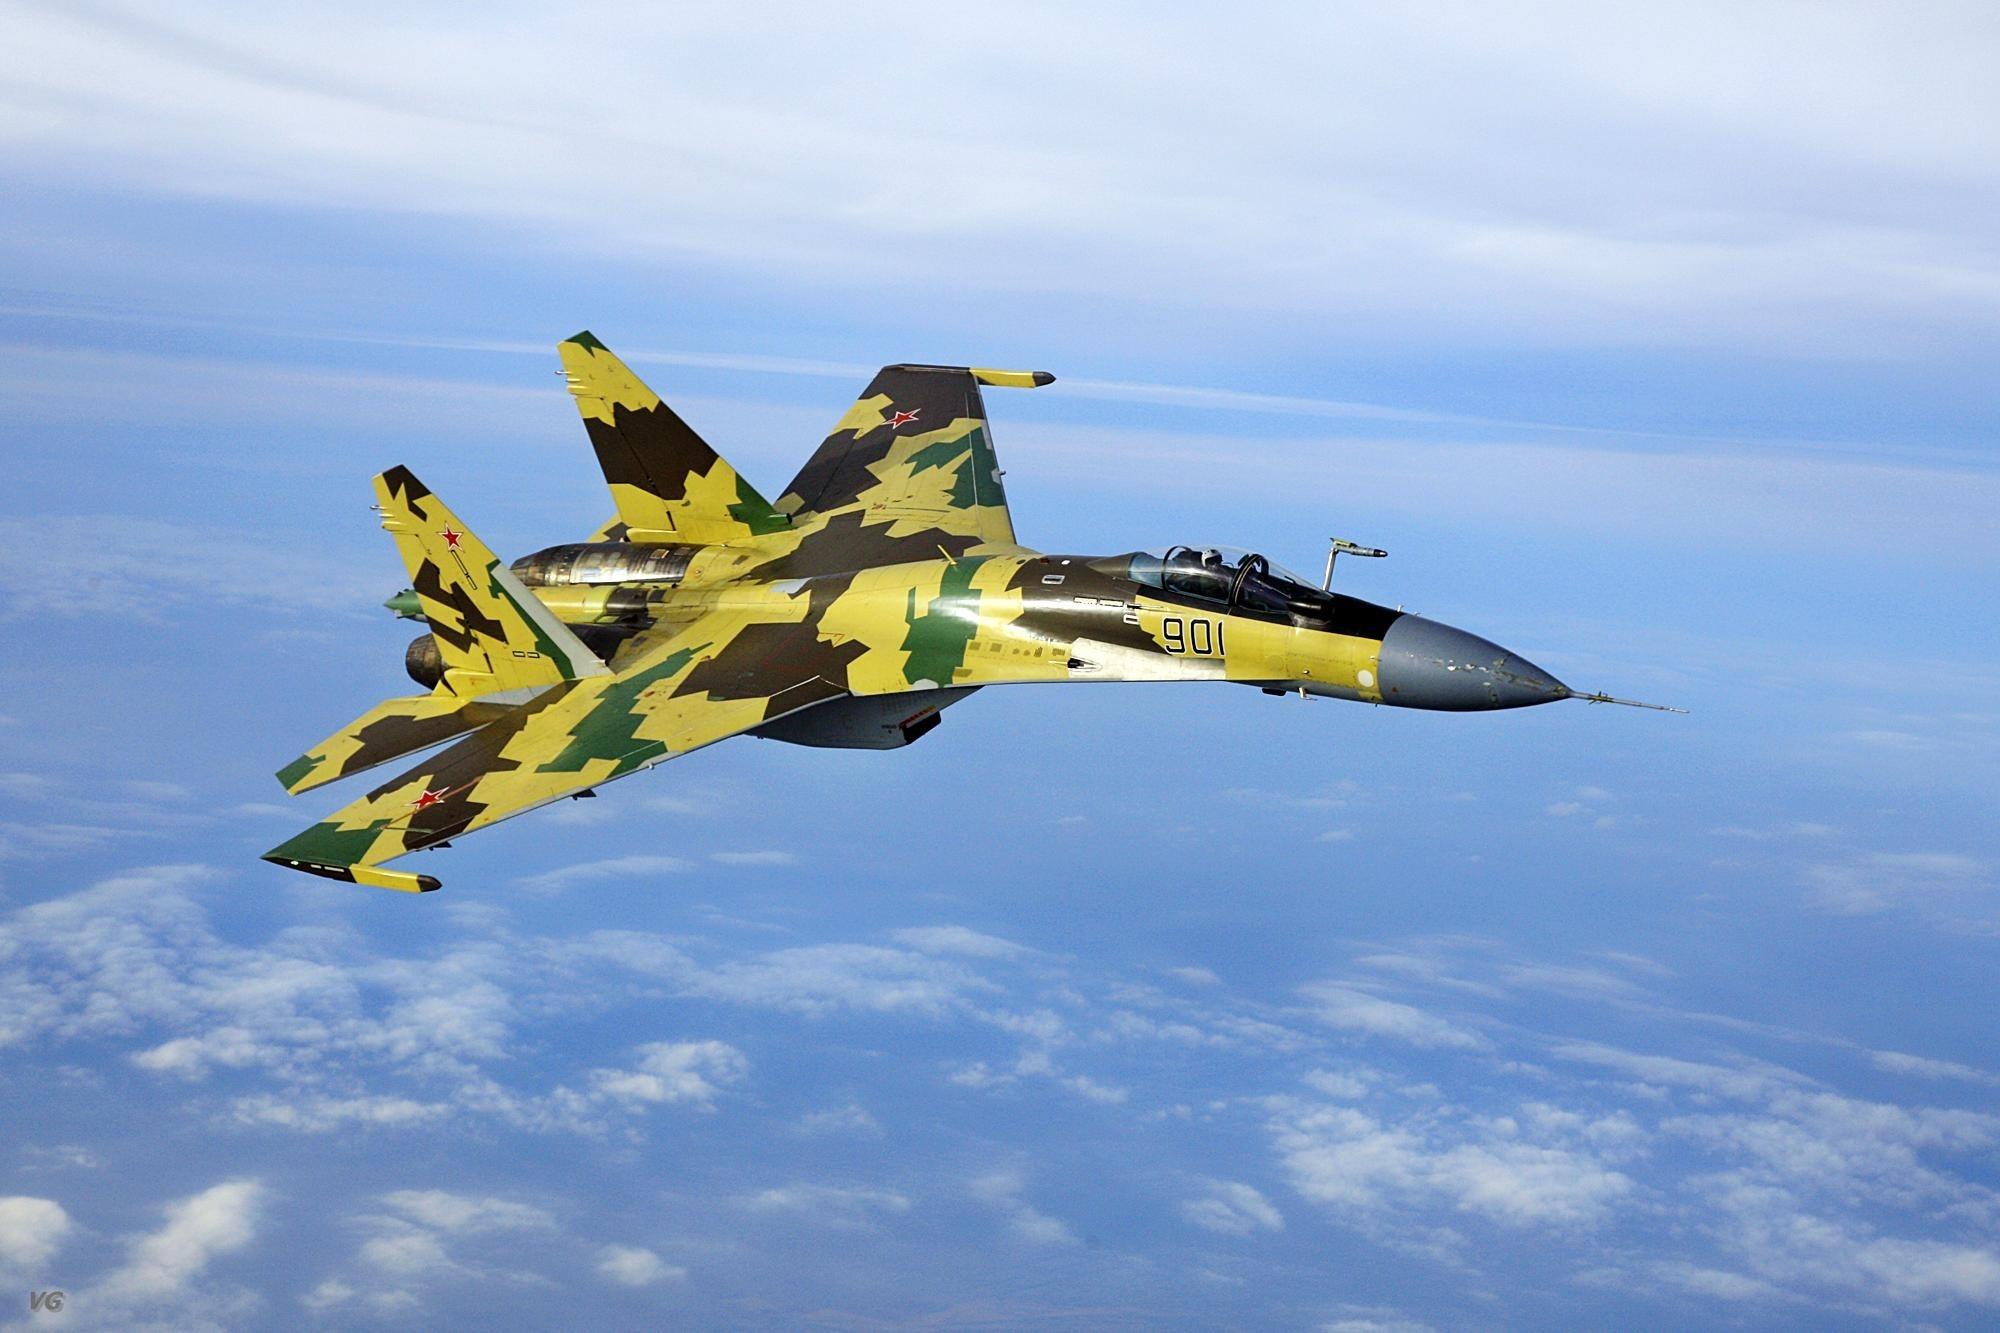 самолет военный картинки прошлых выходных